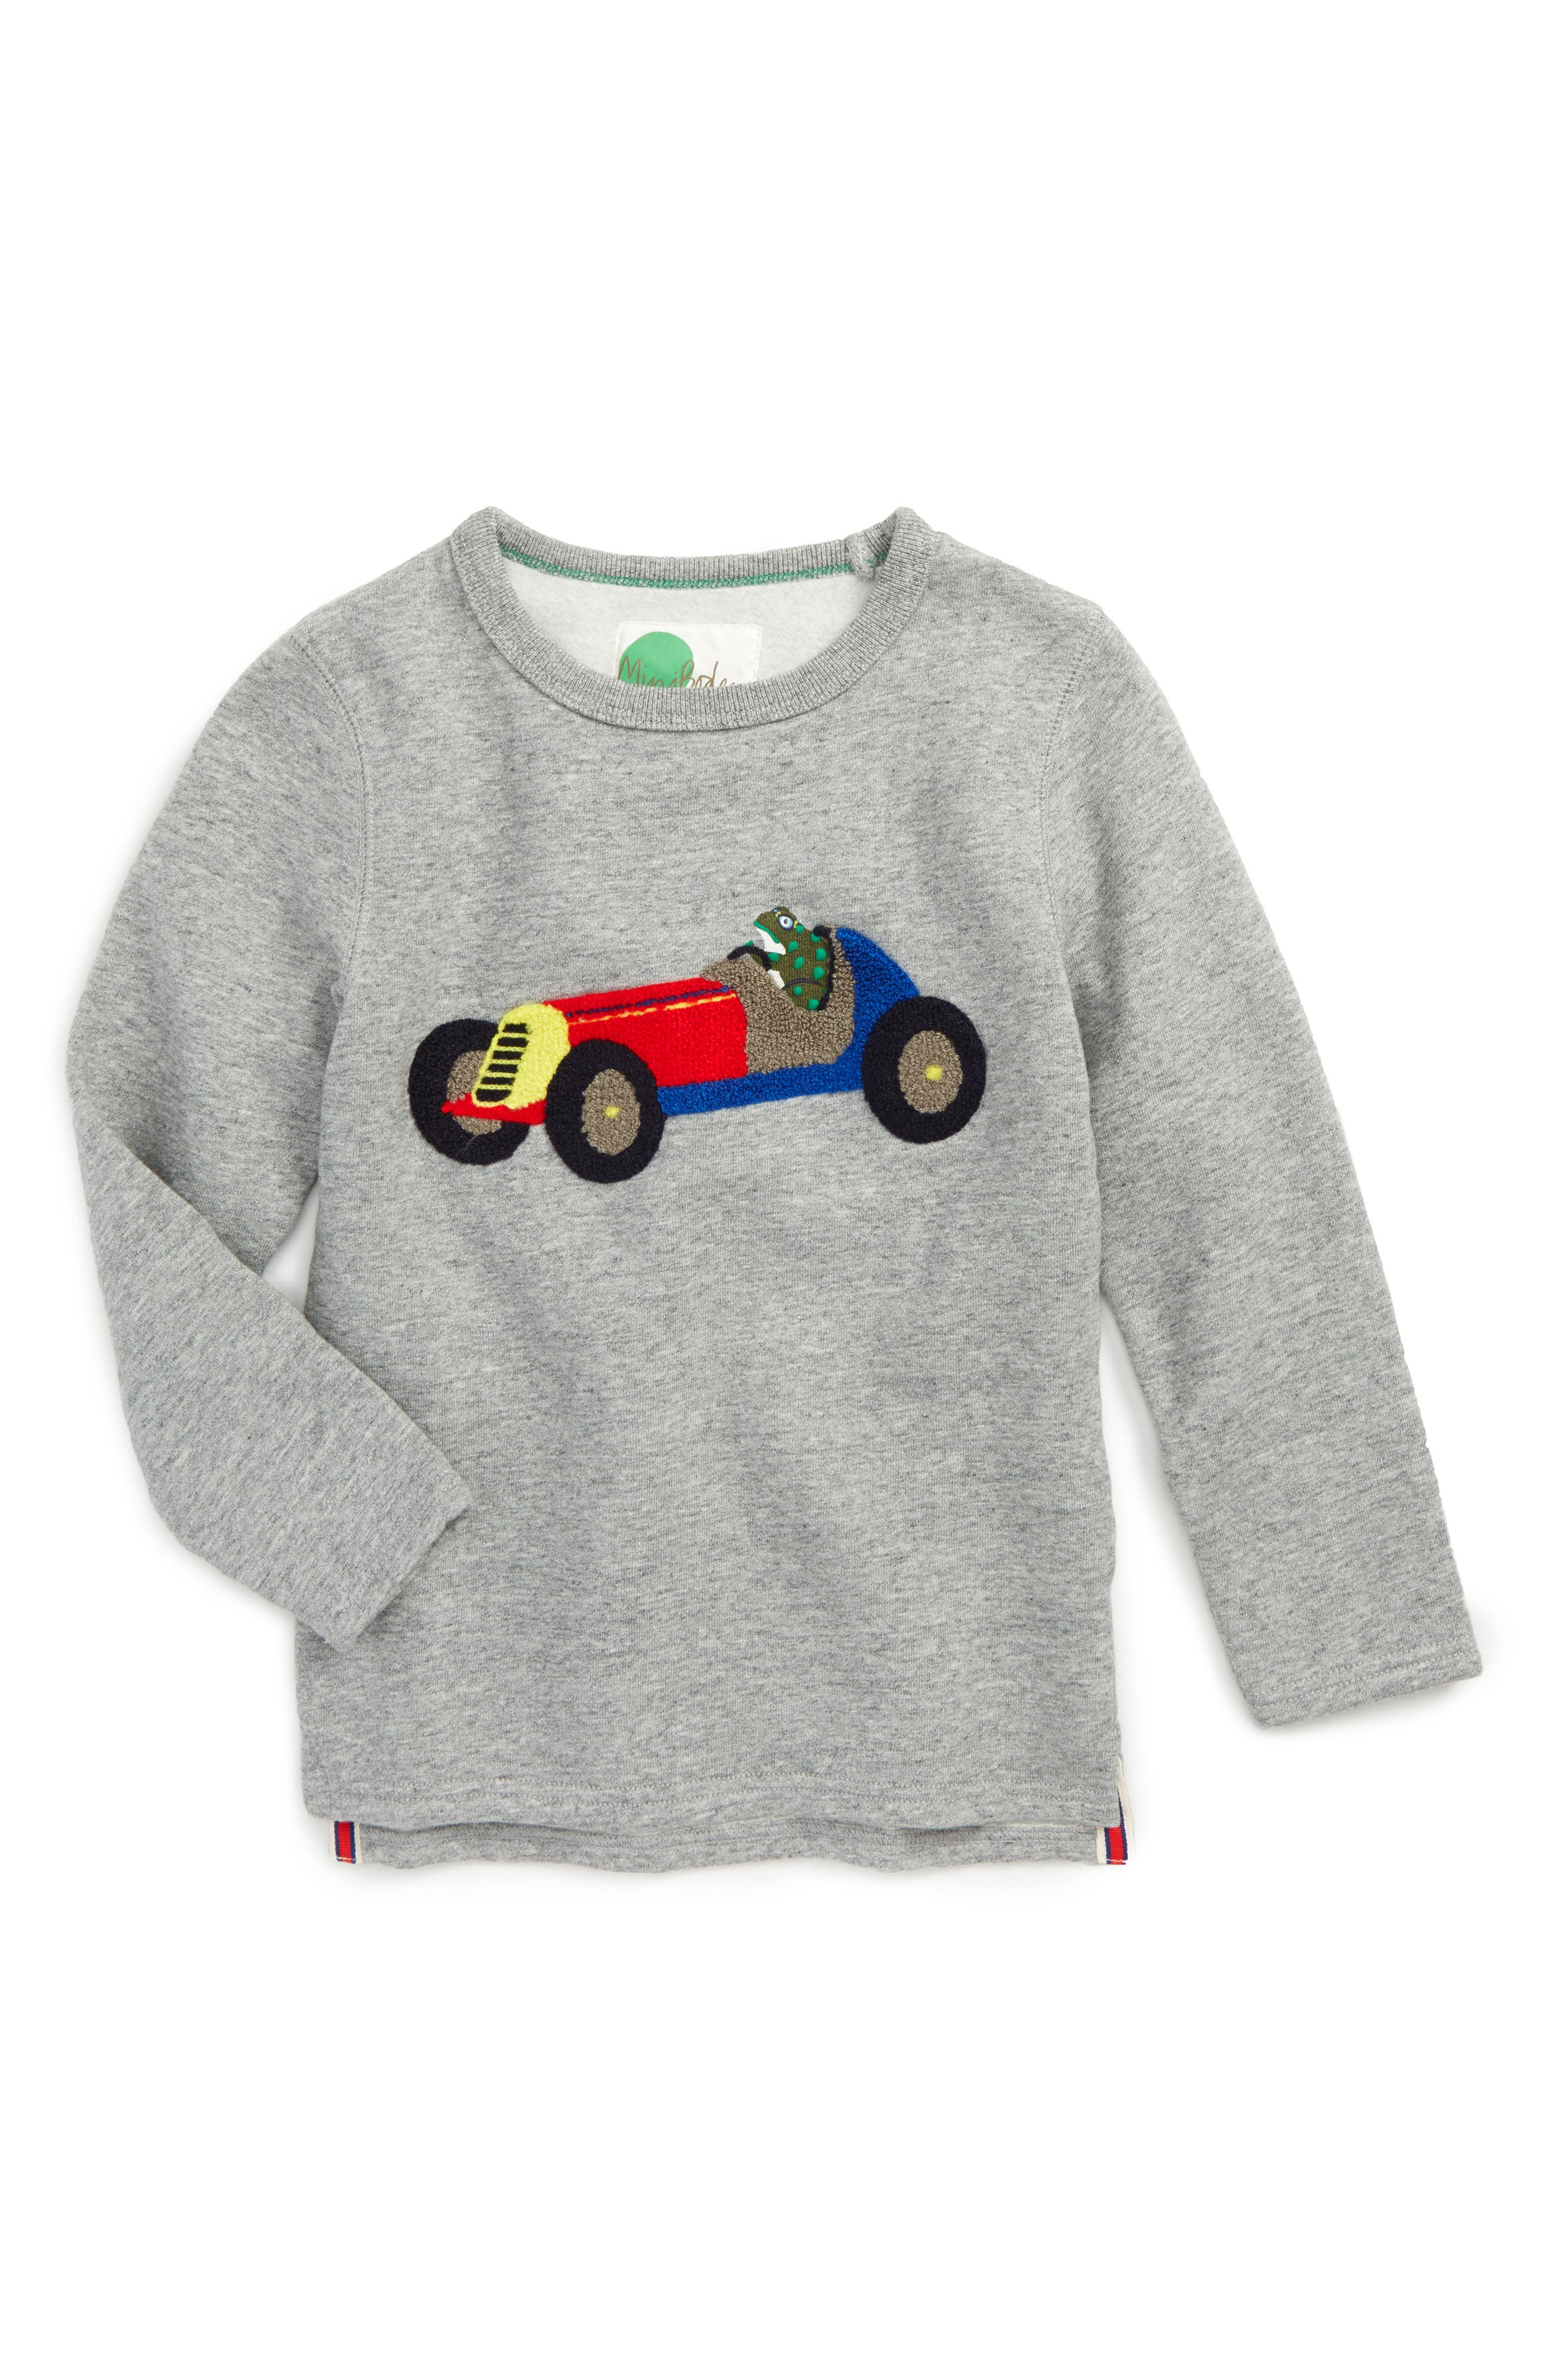 Open Road Sweatshirt,                             Main thumbnail 1, color,                             062